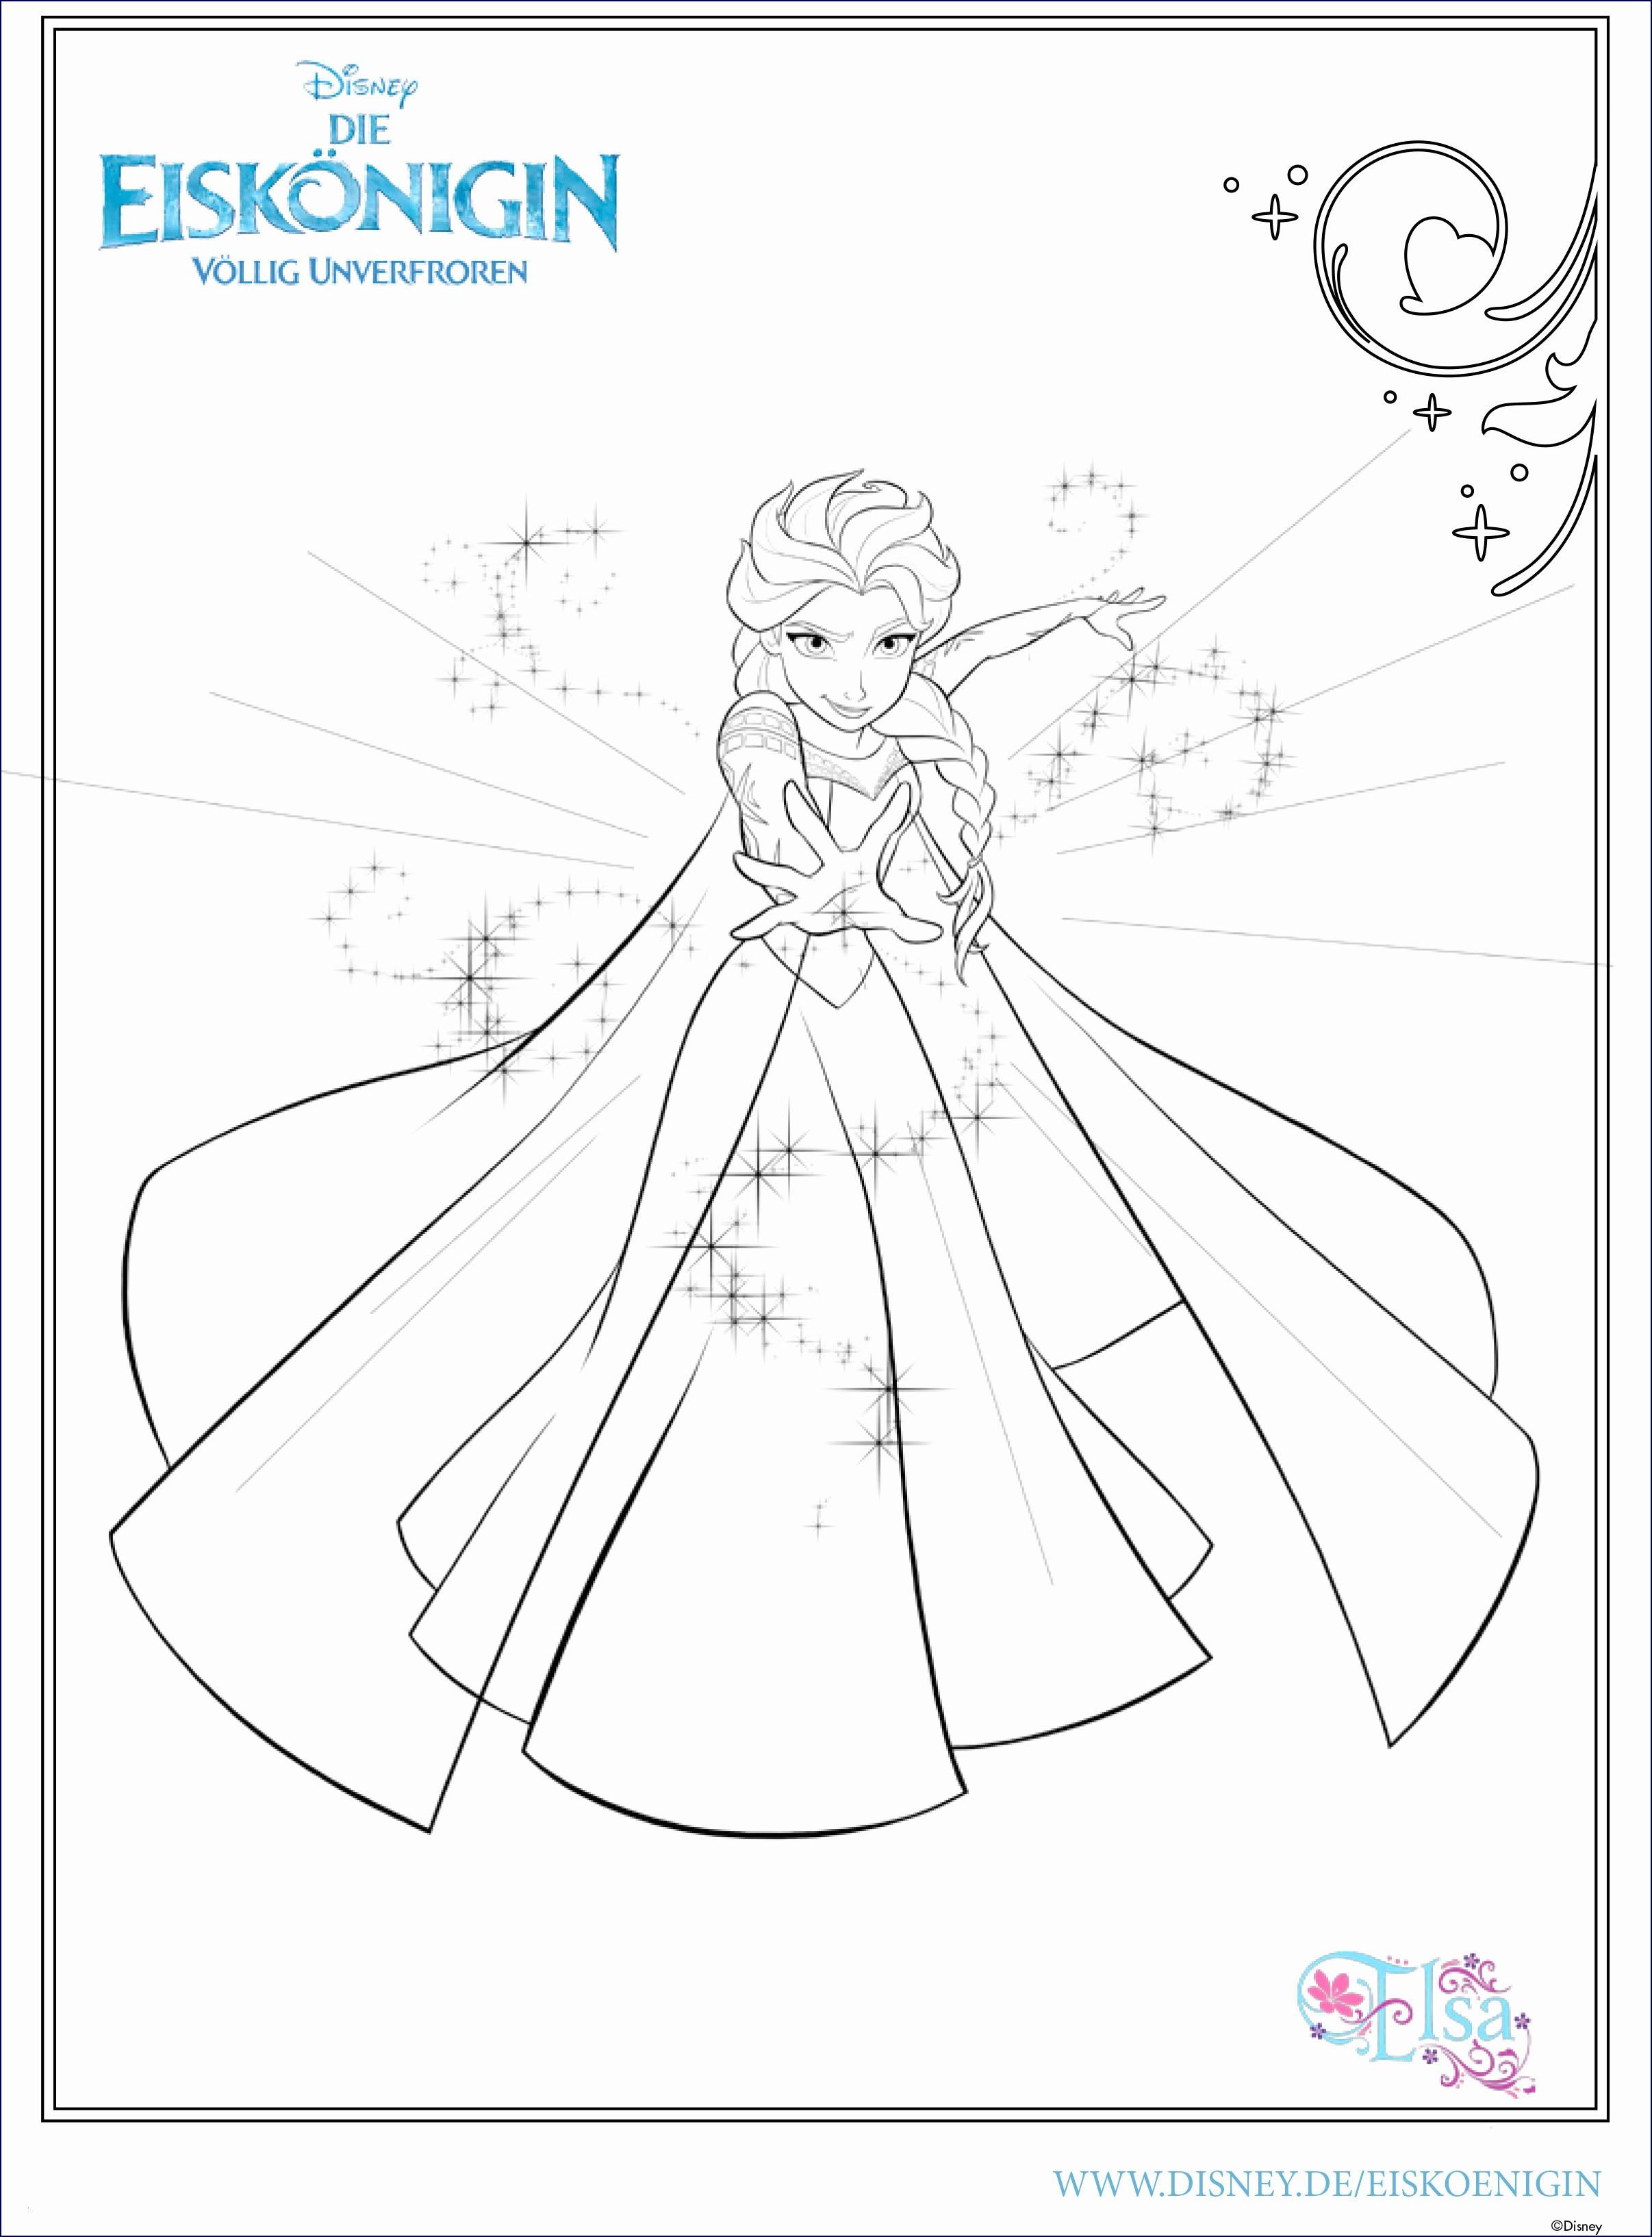 Hogwarts Wappen Zum Ausmalen Frisch 38 Elsa Frozen Ausmalbilder Scoredatscore Elegant Harry Potter Stock